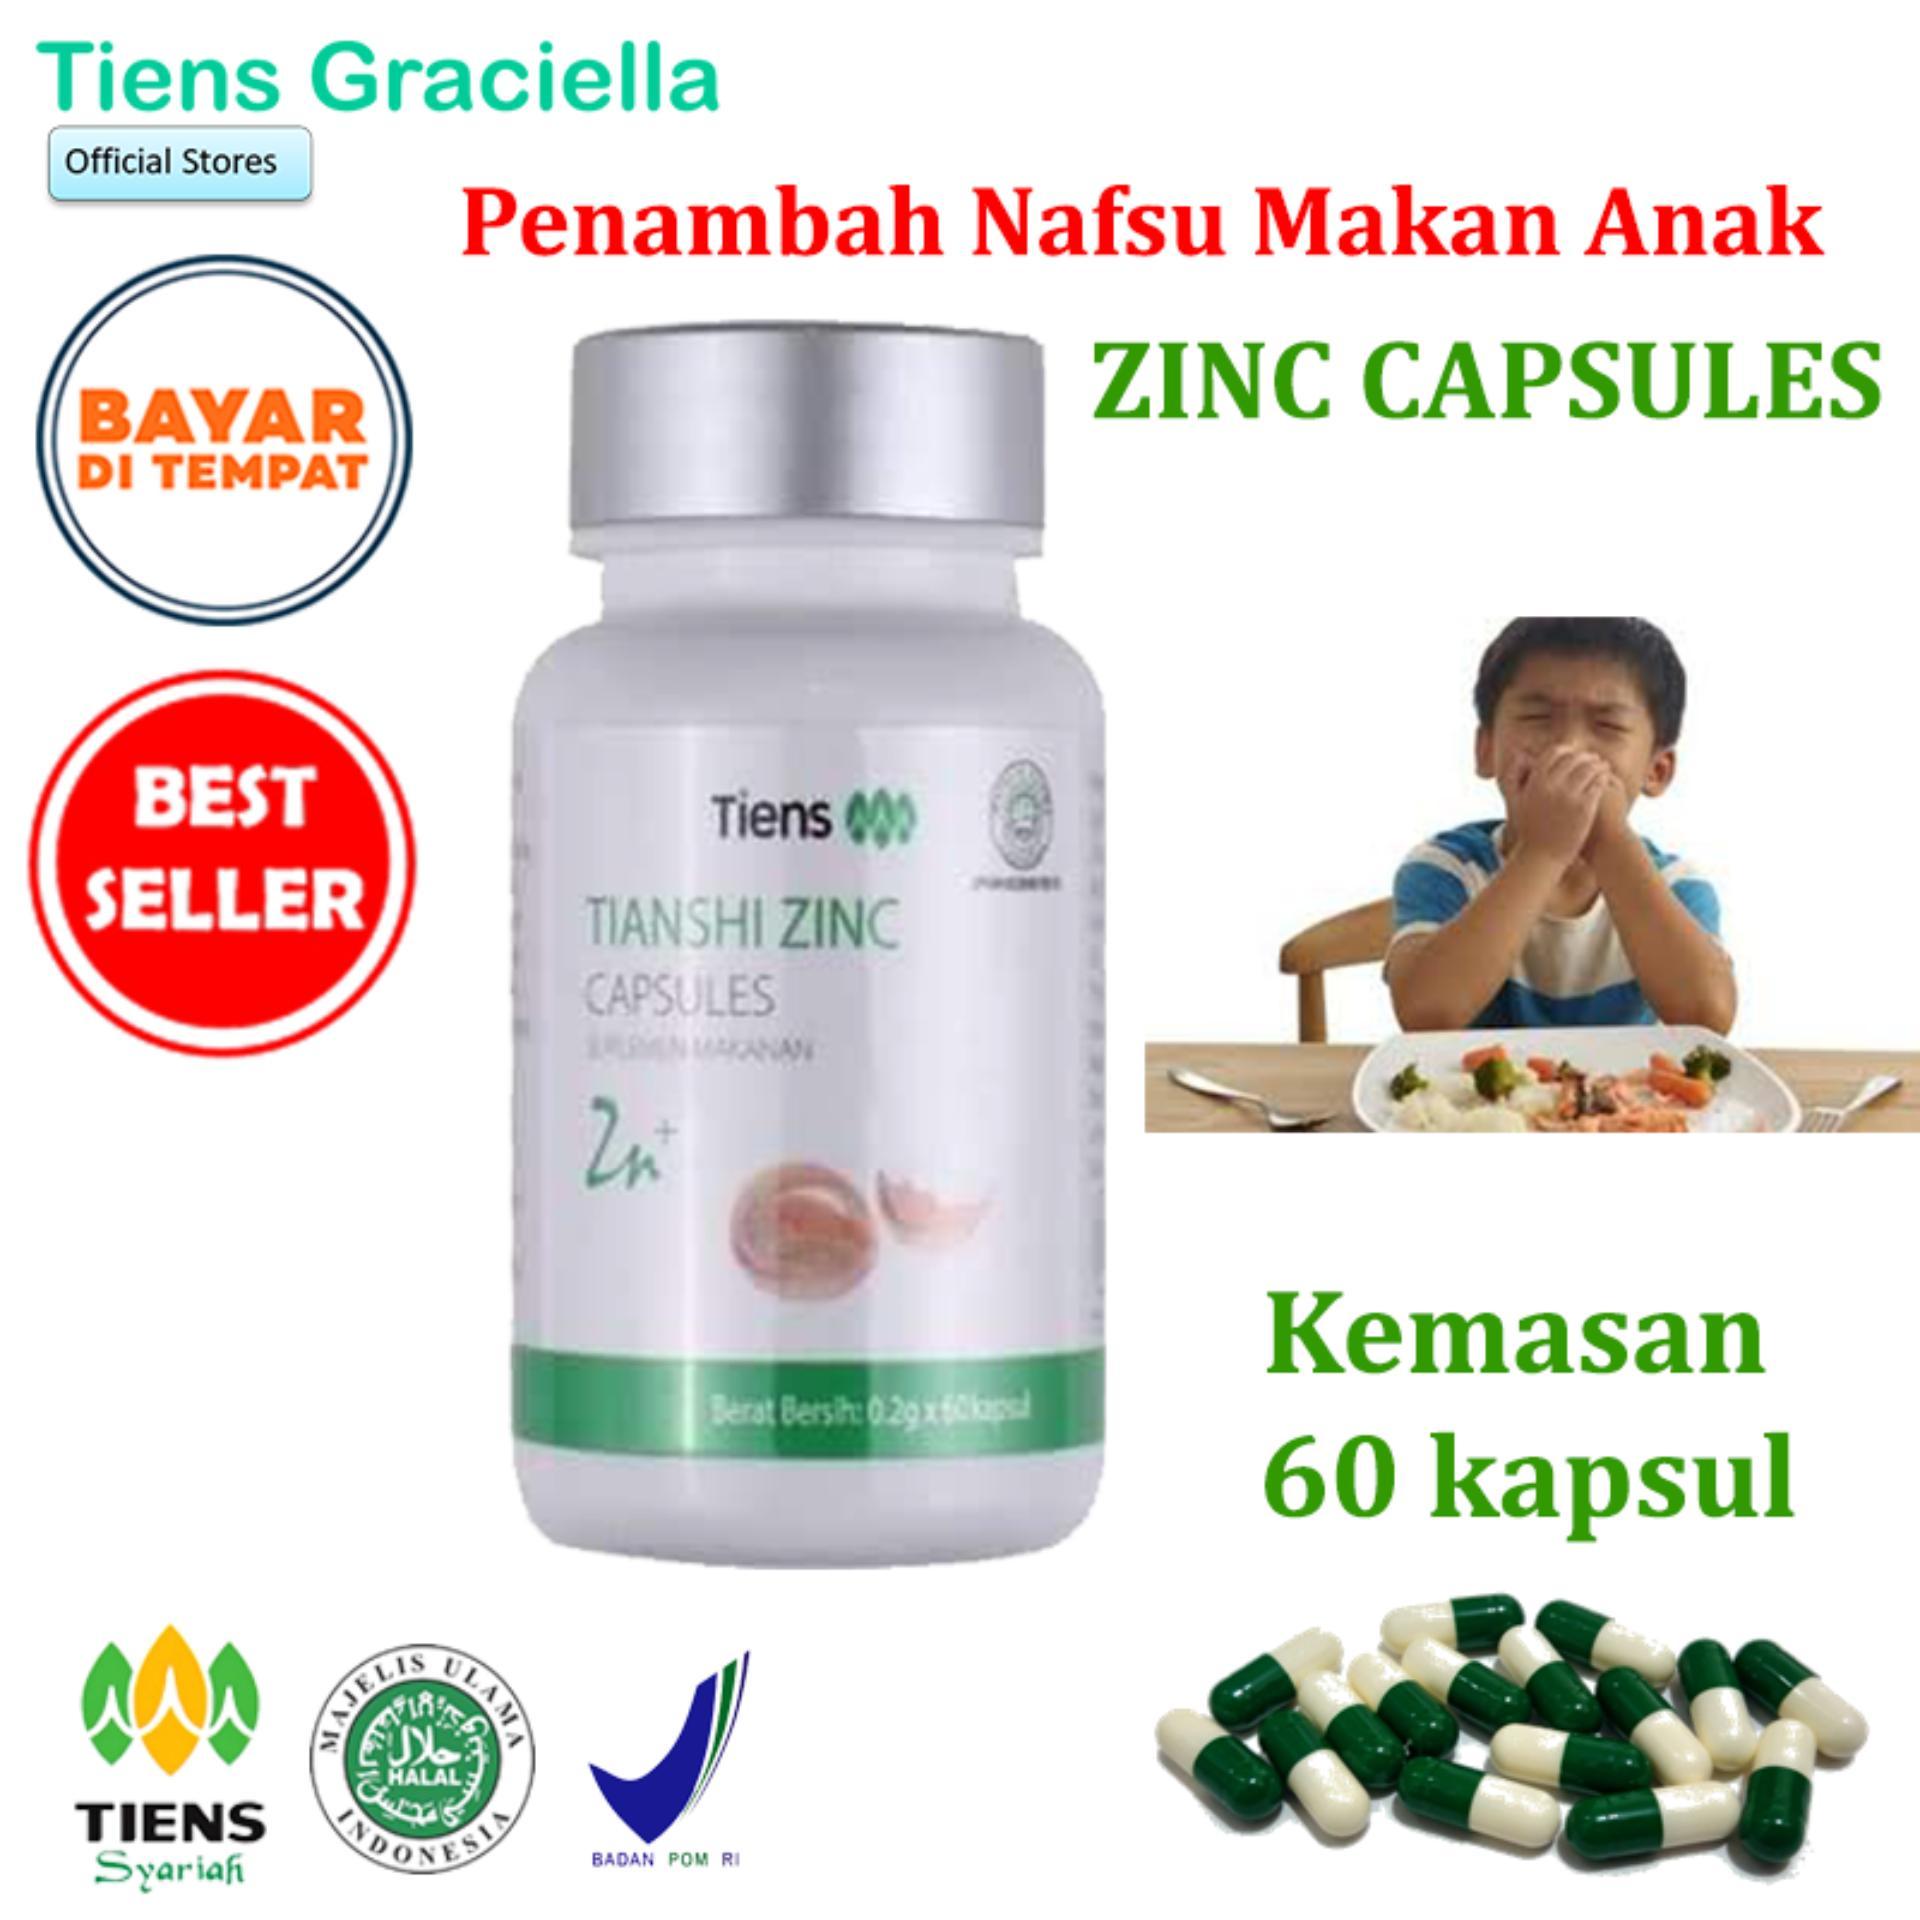 Tiens Zinc Vitamin Penambah Nafsu Makan Anak Paket Promo Banting Harga 60 Kapsul + Gratis Kartu Member Tiens Graciella By Tiens Graciella.